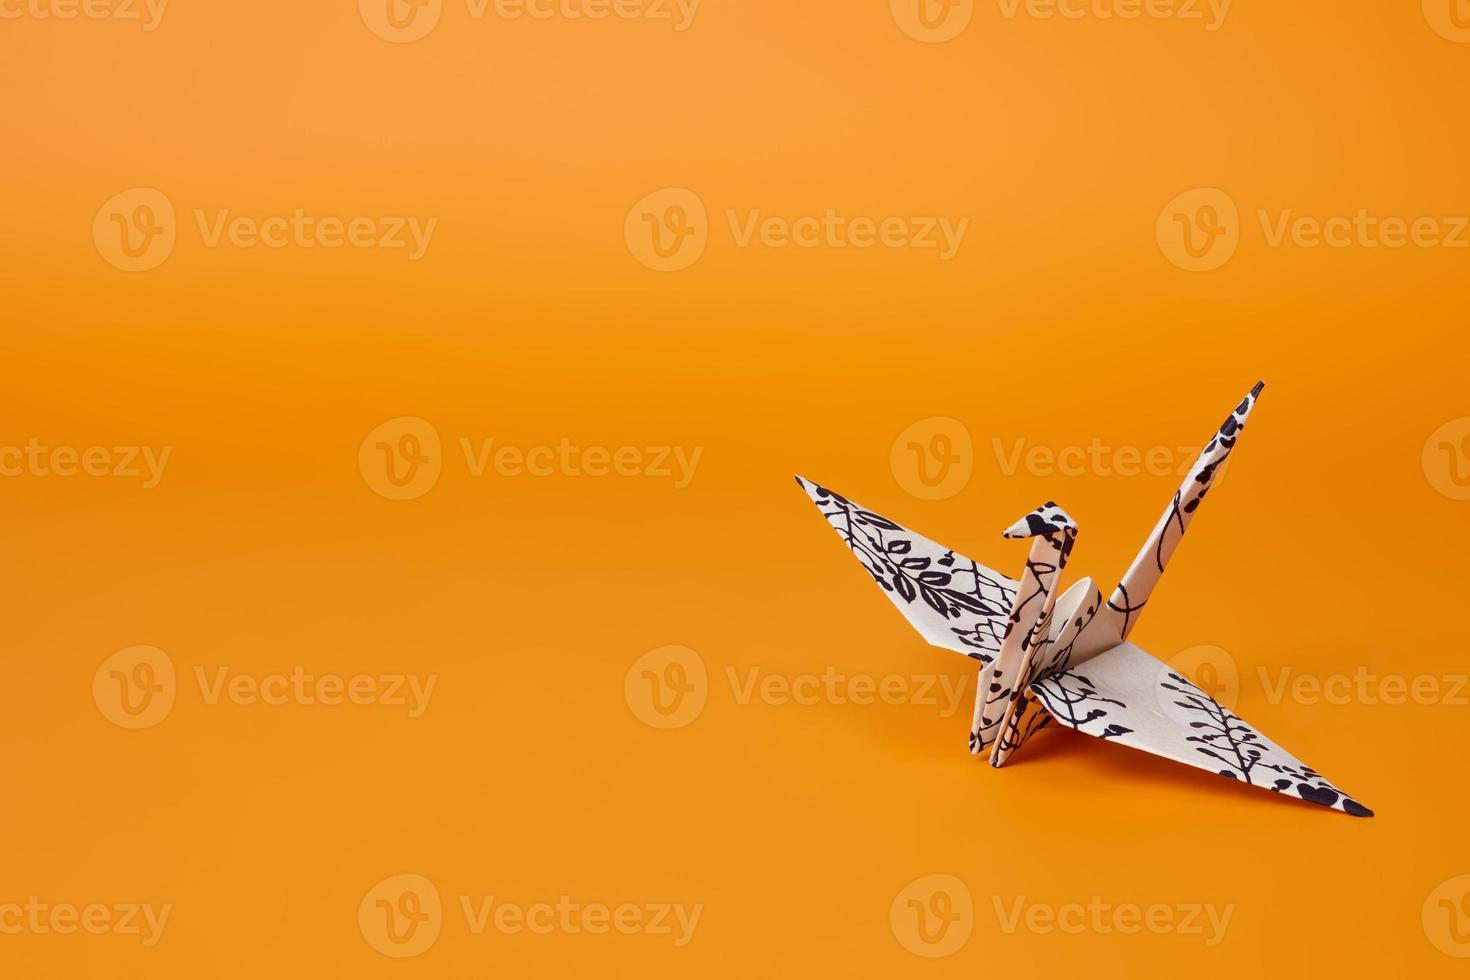 Origami-Kranich auf orangefarbenem Hintergrund foto